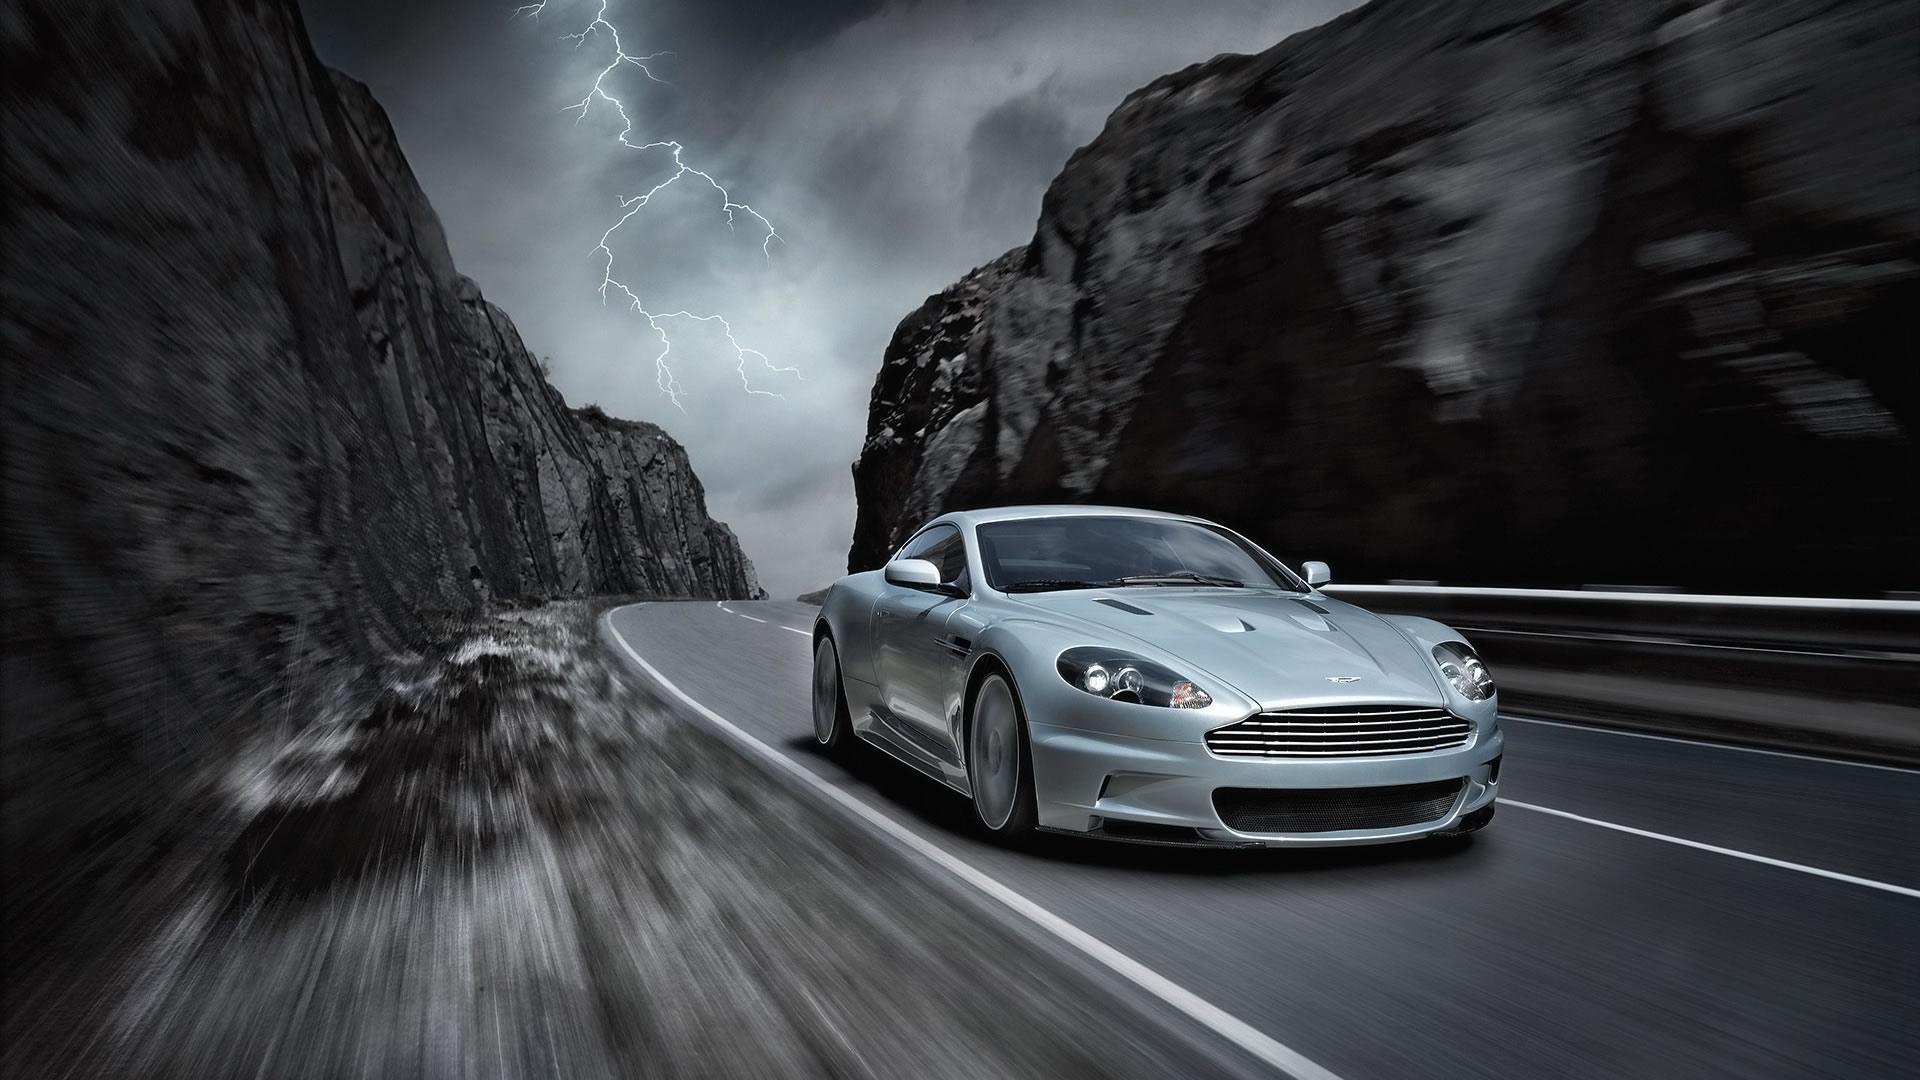 Supercar Wallpapers Aston Martin 3